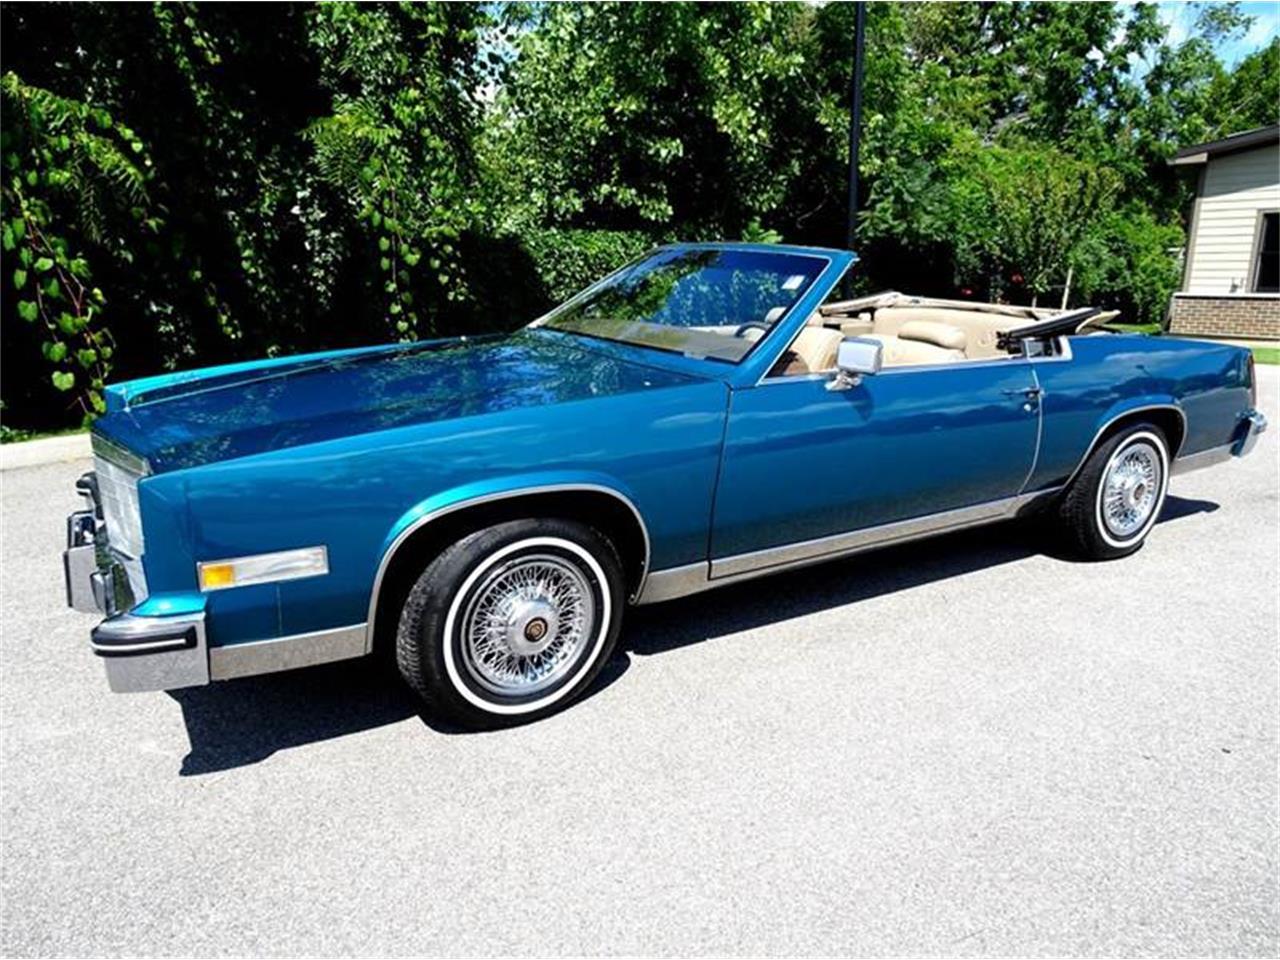 1981 cadillac eldorado for sale classiccars com cc 1004673 1981 cadillac eldorado for sale